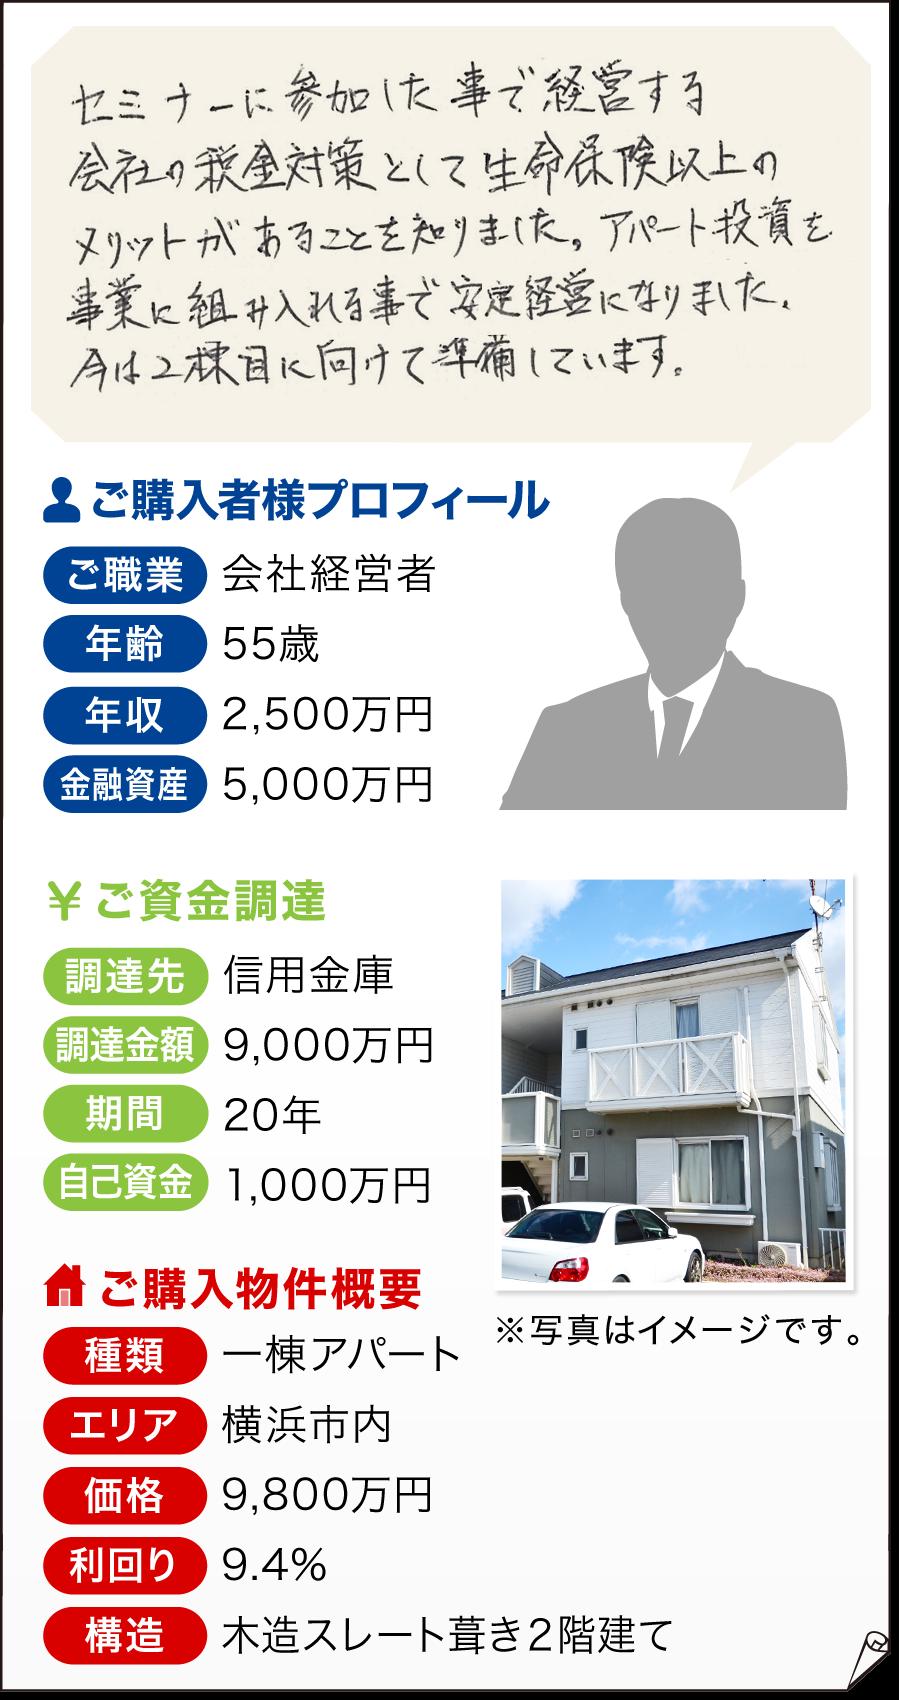 ご購入者様(55歳会社経営・年収2,500万円・金融資産5,000万円)の例→横浜市内の一棟アパート(9,800万円)をご購入。利回り9.4%